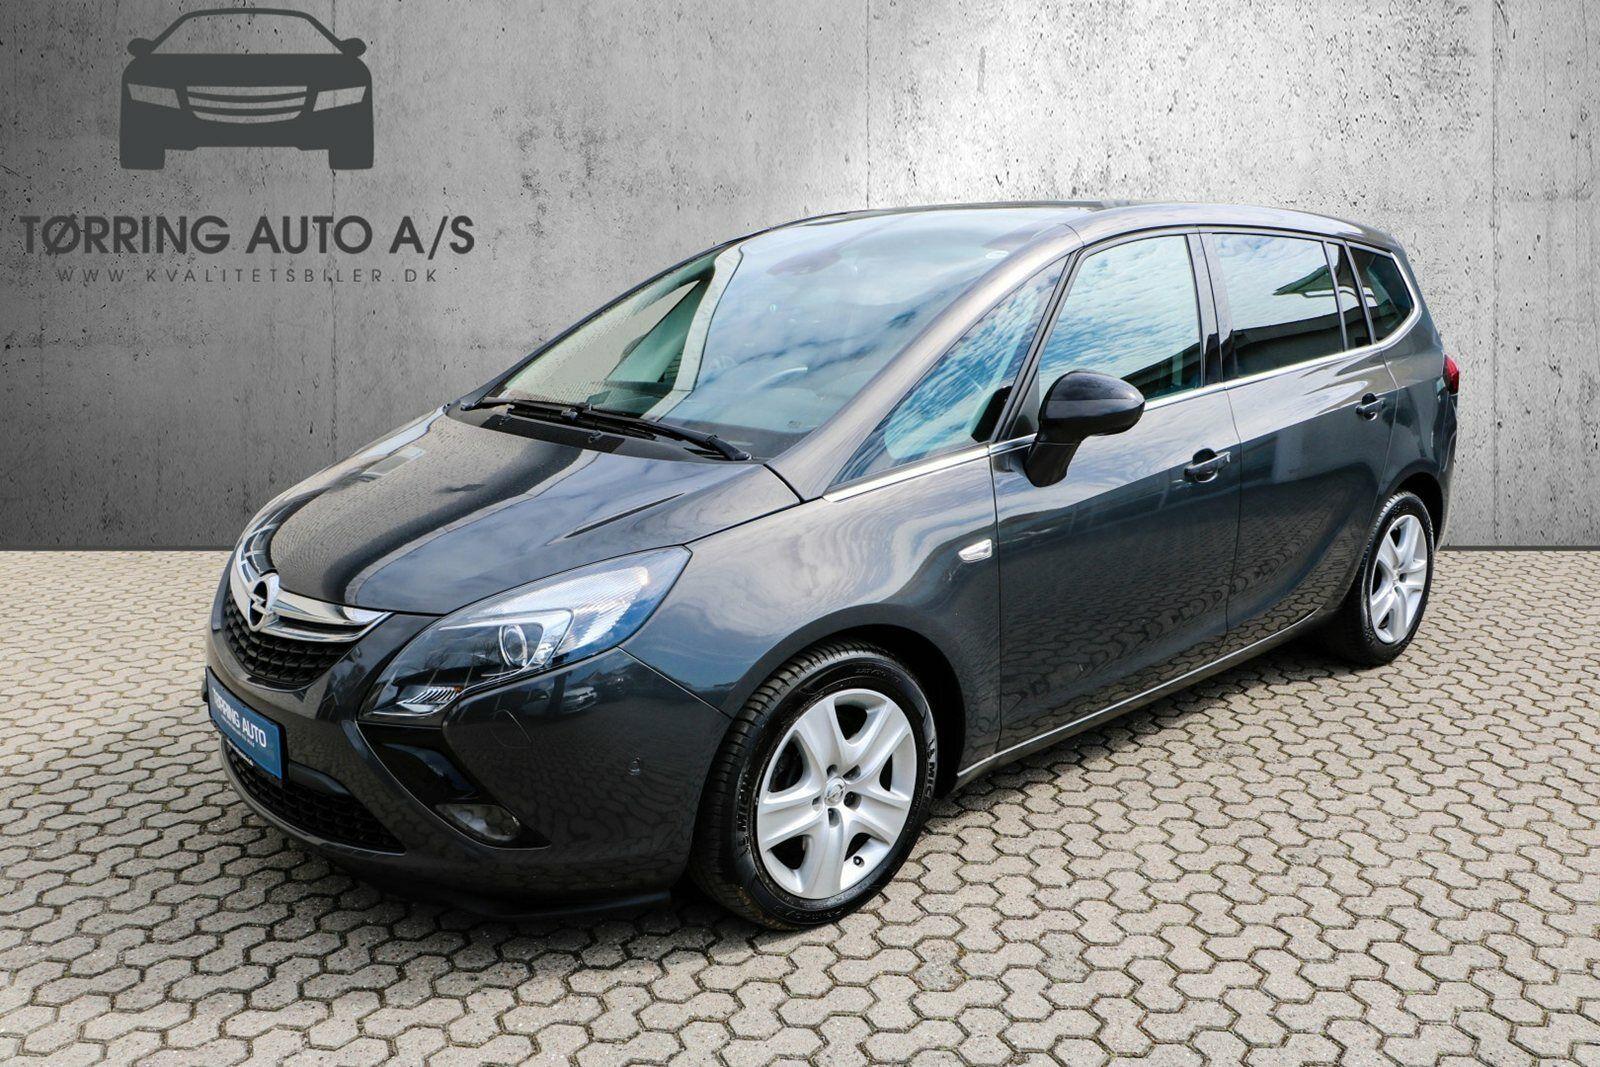 Opel Zafira Tourer 2,0 CDTi 170 Enjoy aut. 5d - 199.900 kr.